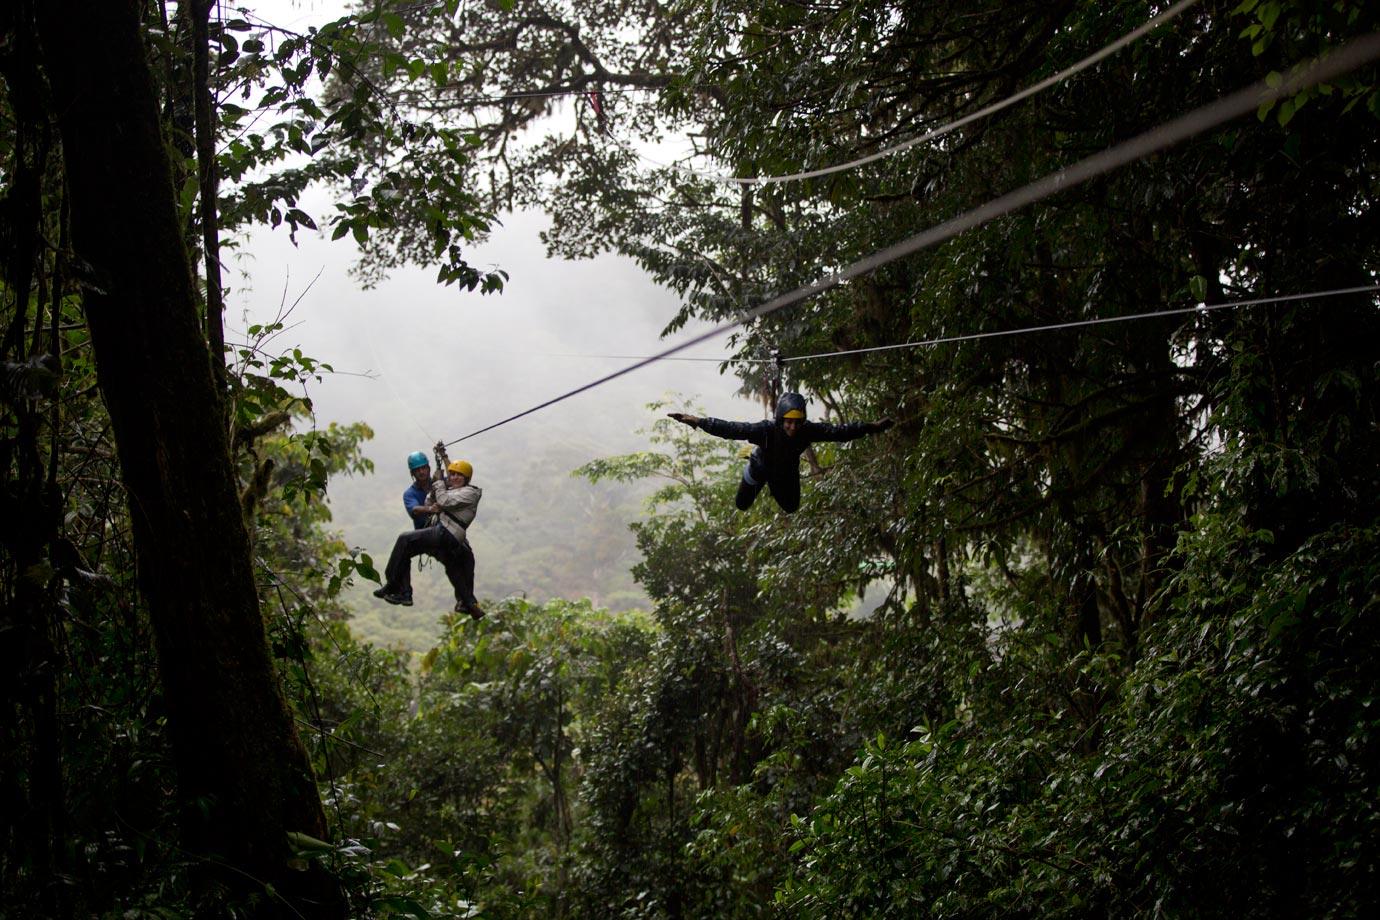 Flying high in Monteverde